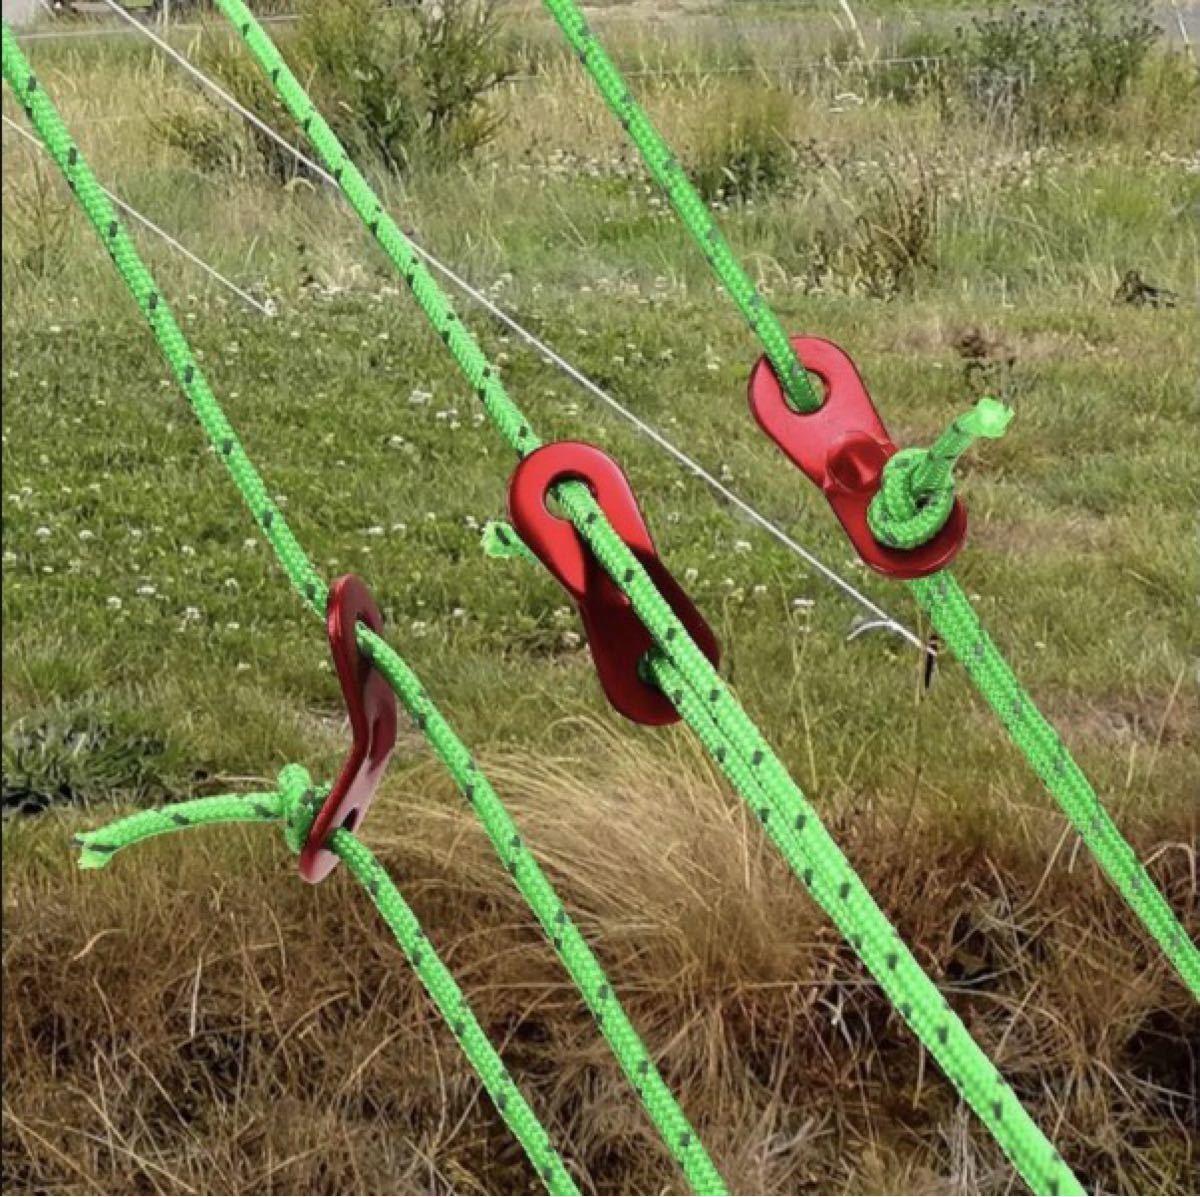 キャンプ アウトドア 反射ロープ テントロープ ガイドロープ 4mm 4m